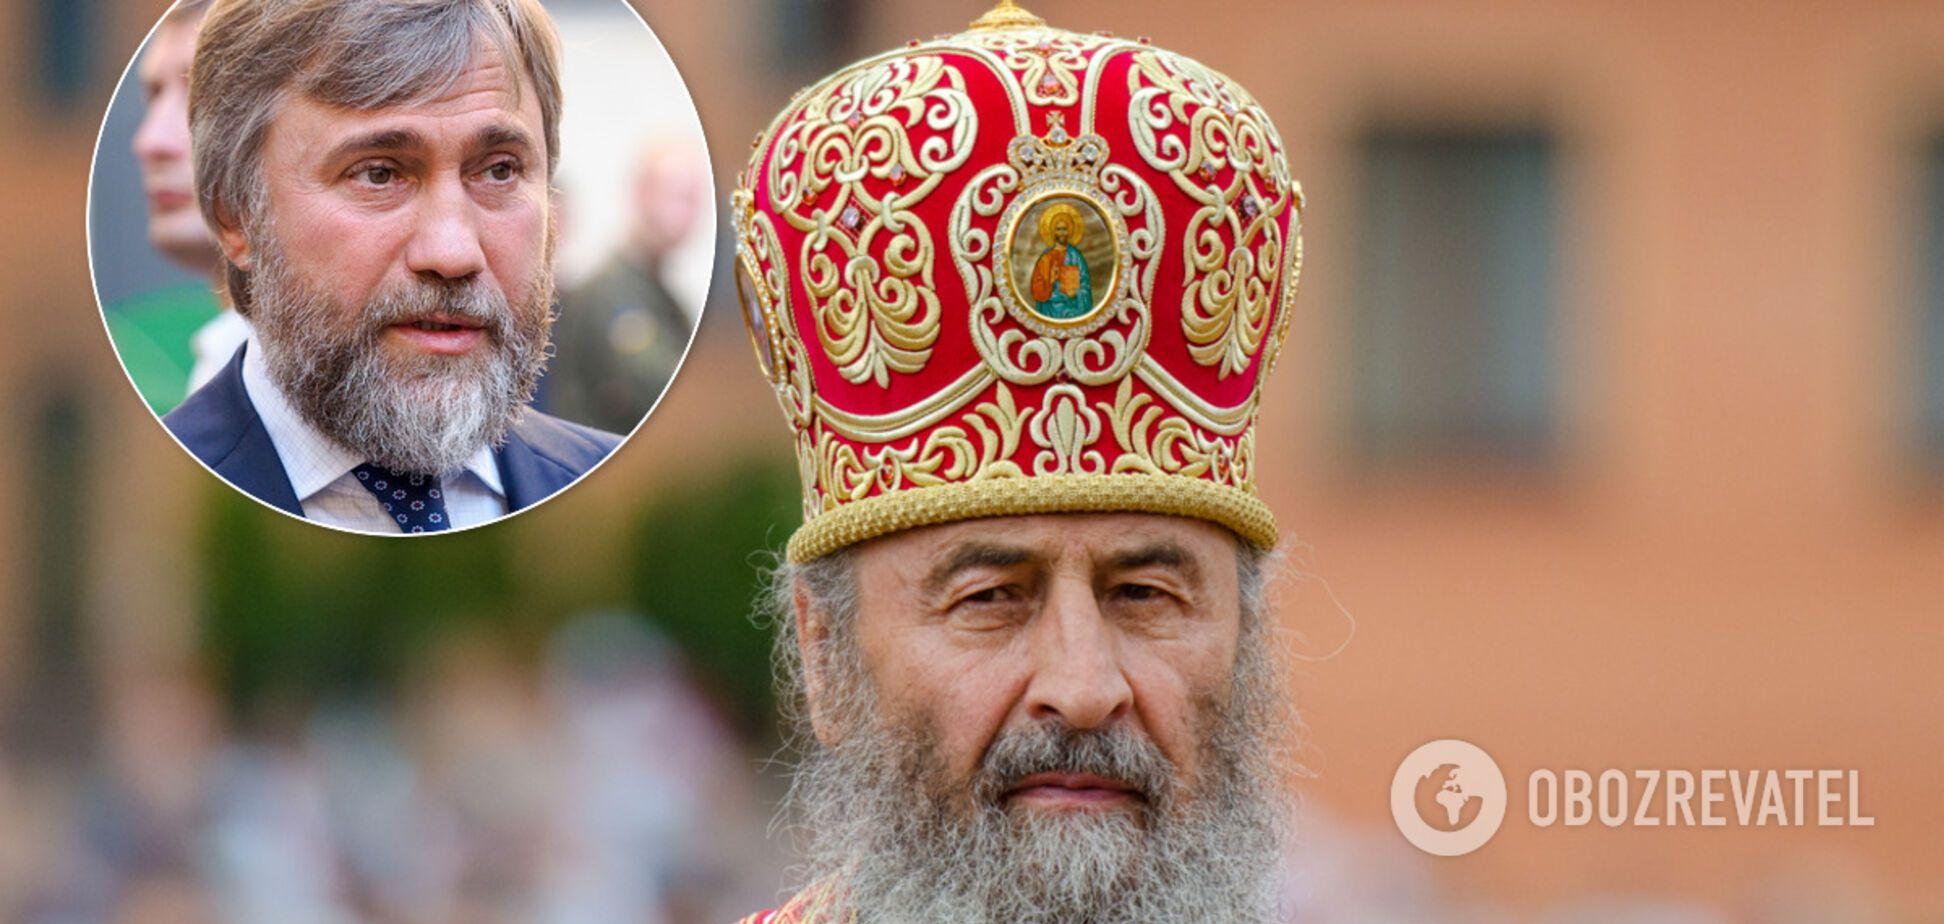 Новинський закликав дипломатів не втручатися в справи церкви